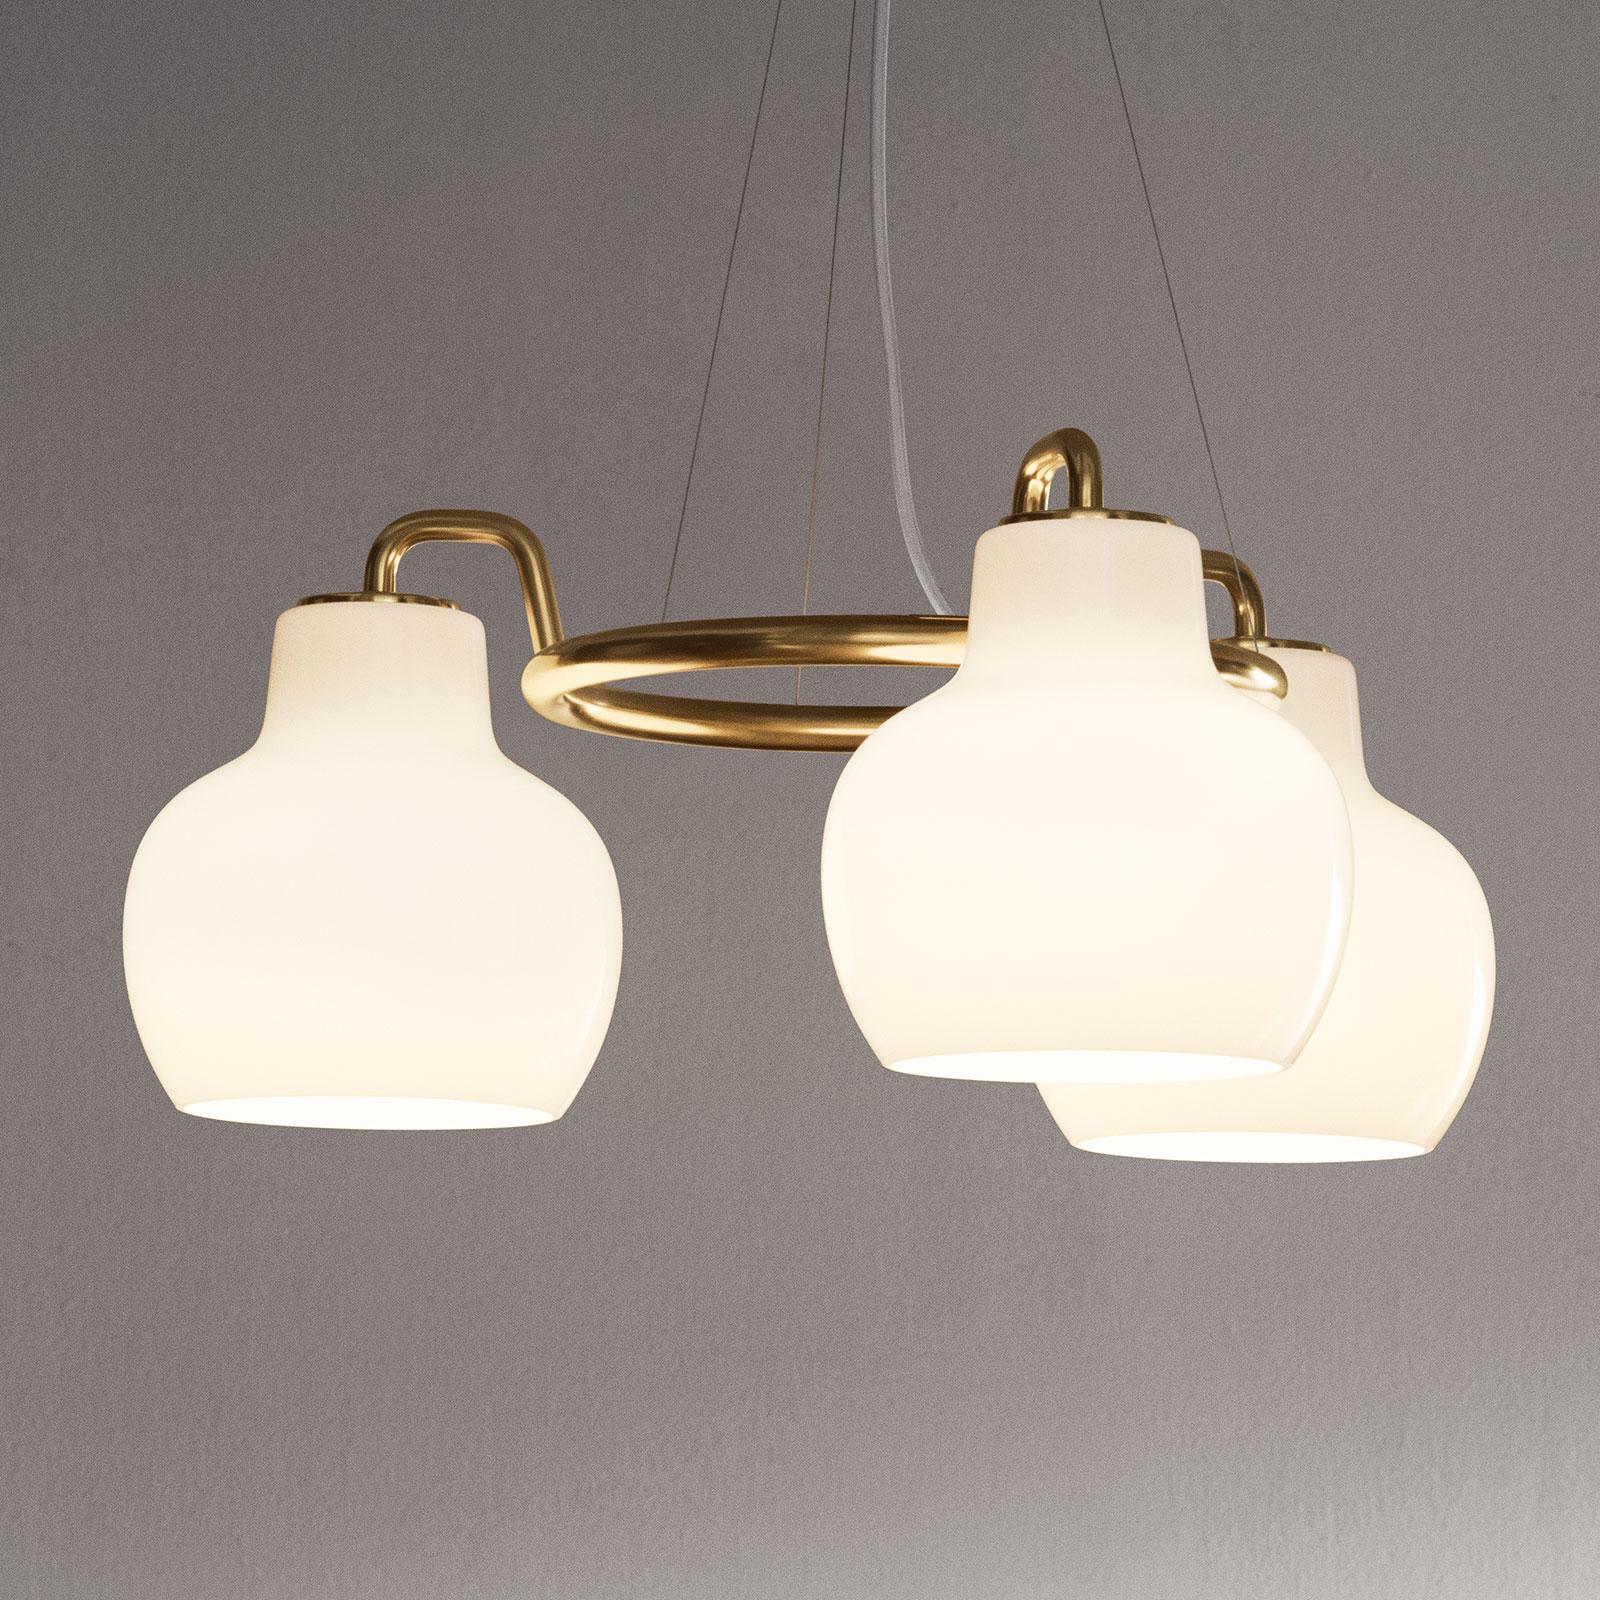 Louis Poulsen hanglamp VL Ring Crown 3-lamps